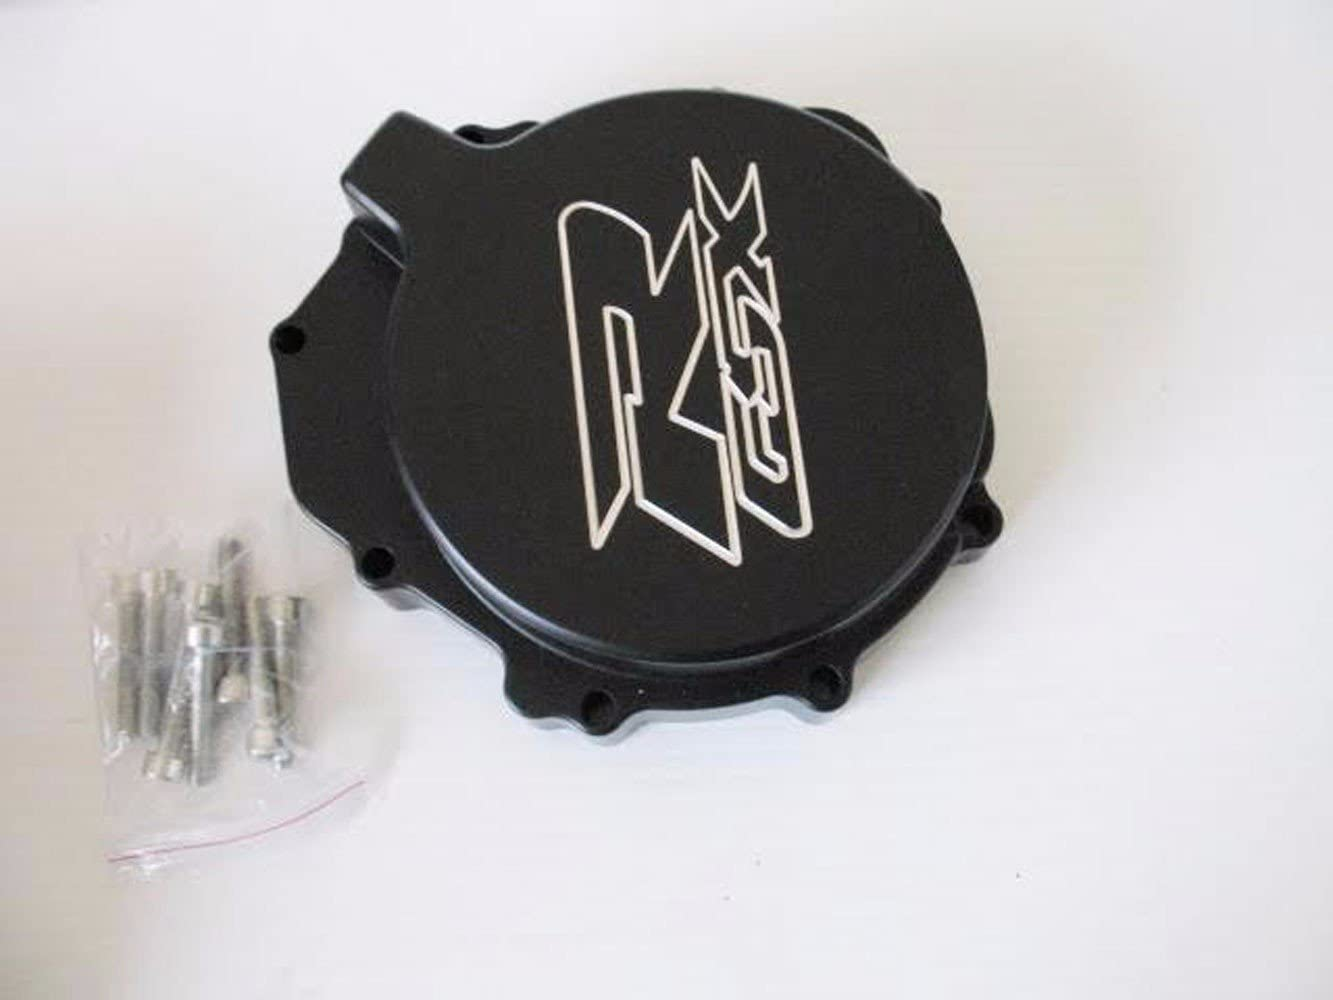 Engine Crank Case Stator Cover for Suzuki GSX-R 750 00-03